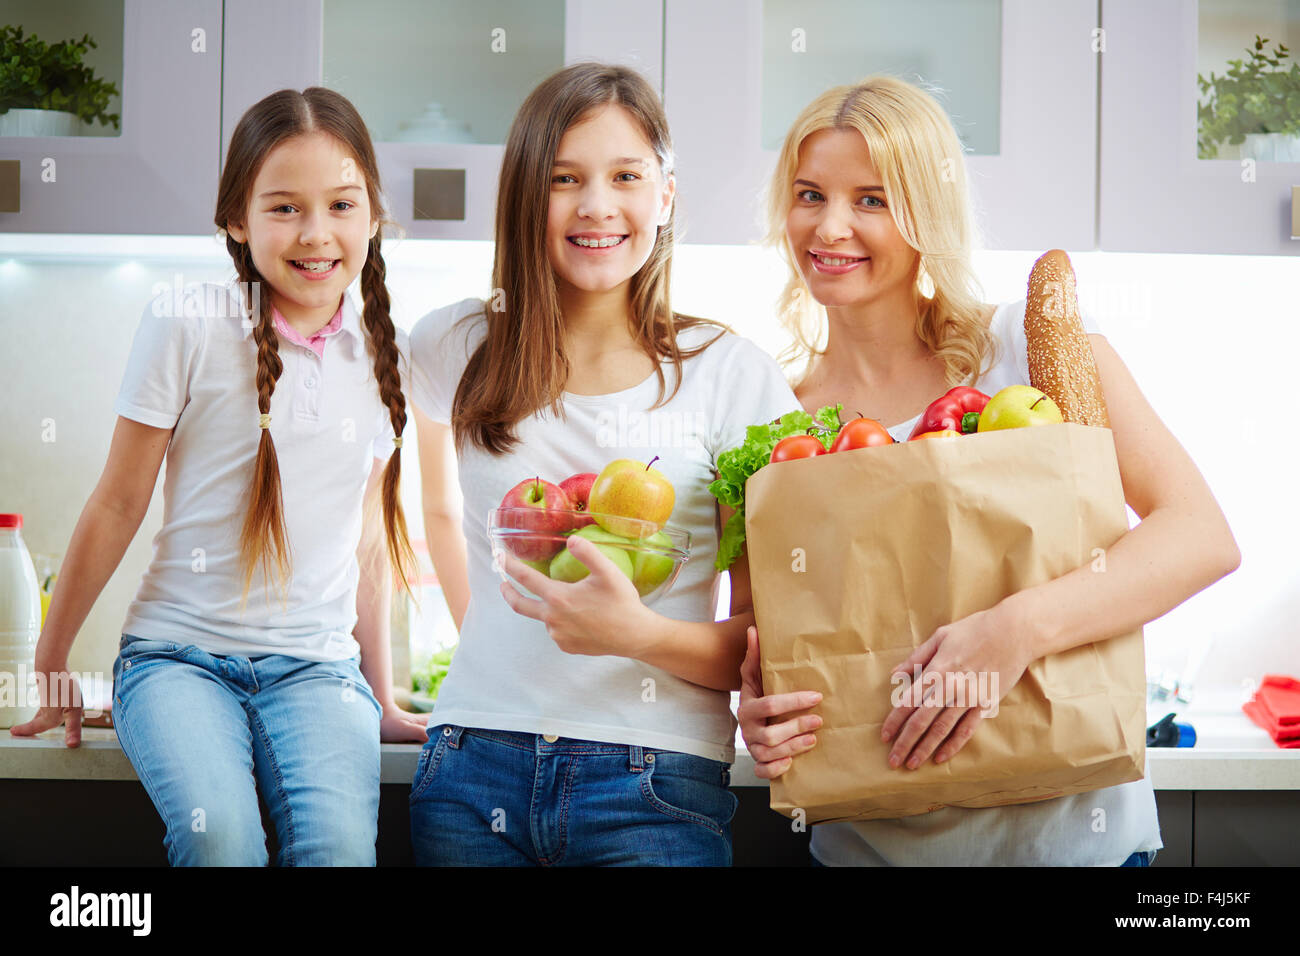 Giovane donna e due ragazze adolescenti guardando la telecamera in cucina Immagini Stock